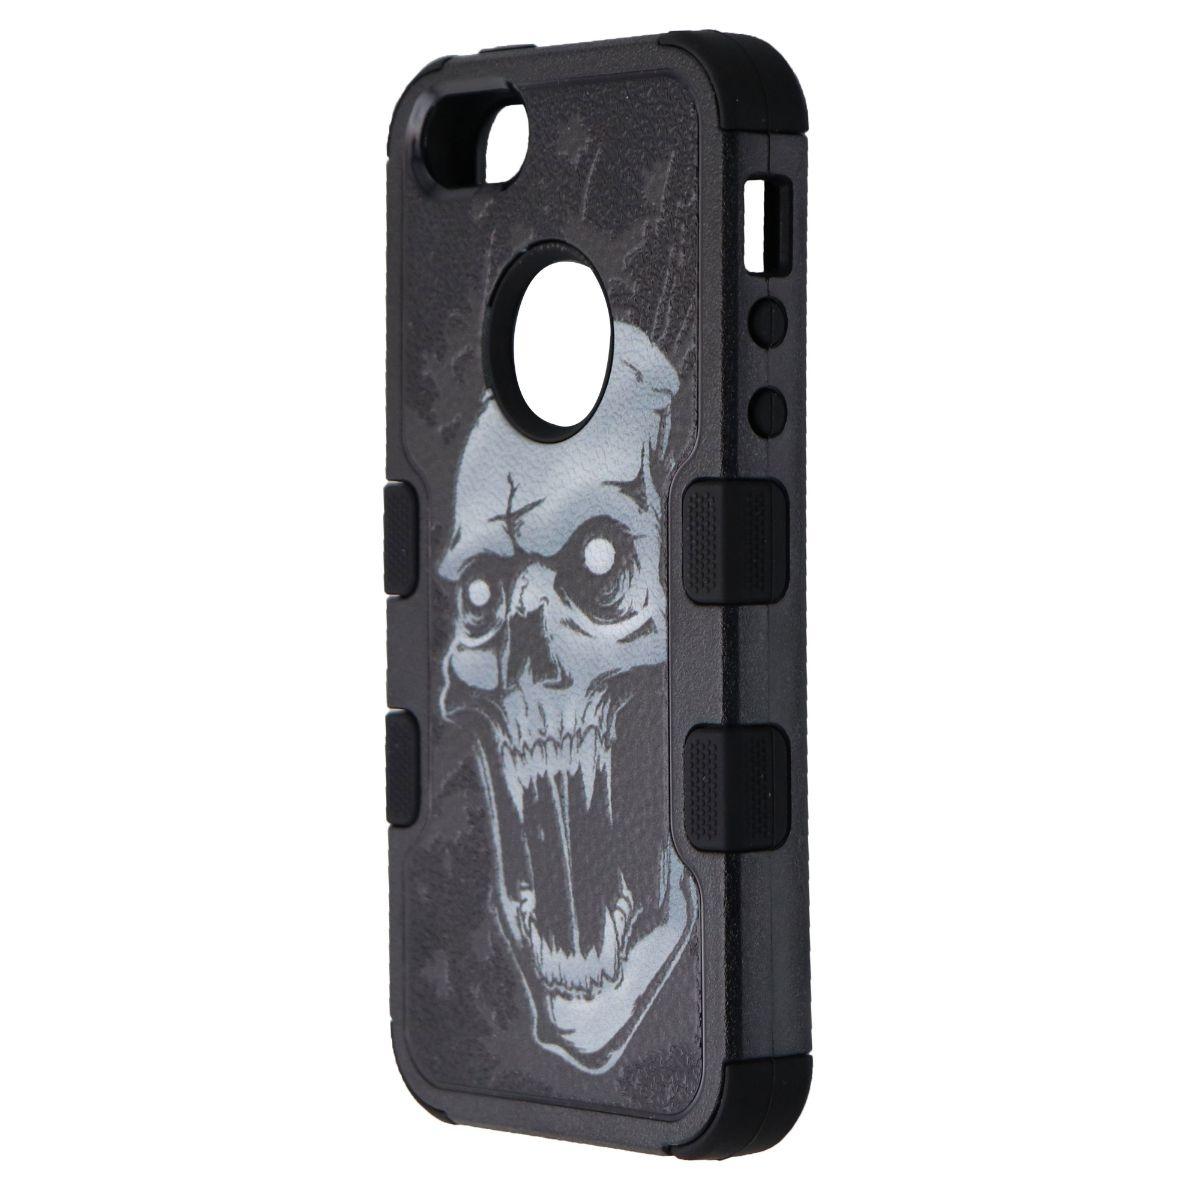 MyBat Tuff Series Hardshell Case for Apple iPhone SE / 5s / 5 - Black / Skull